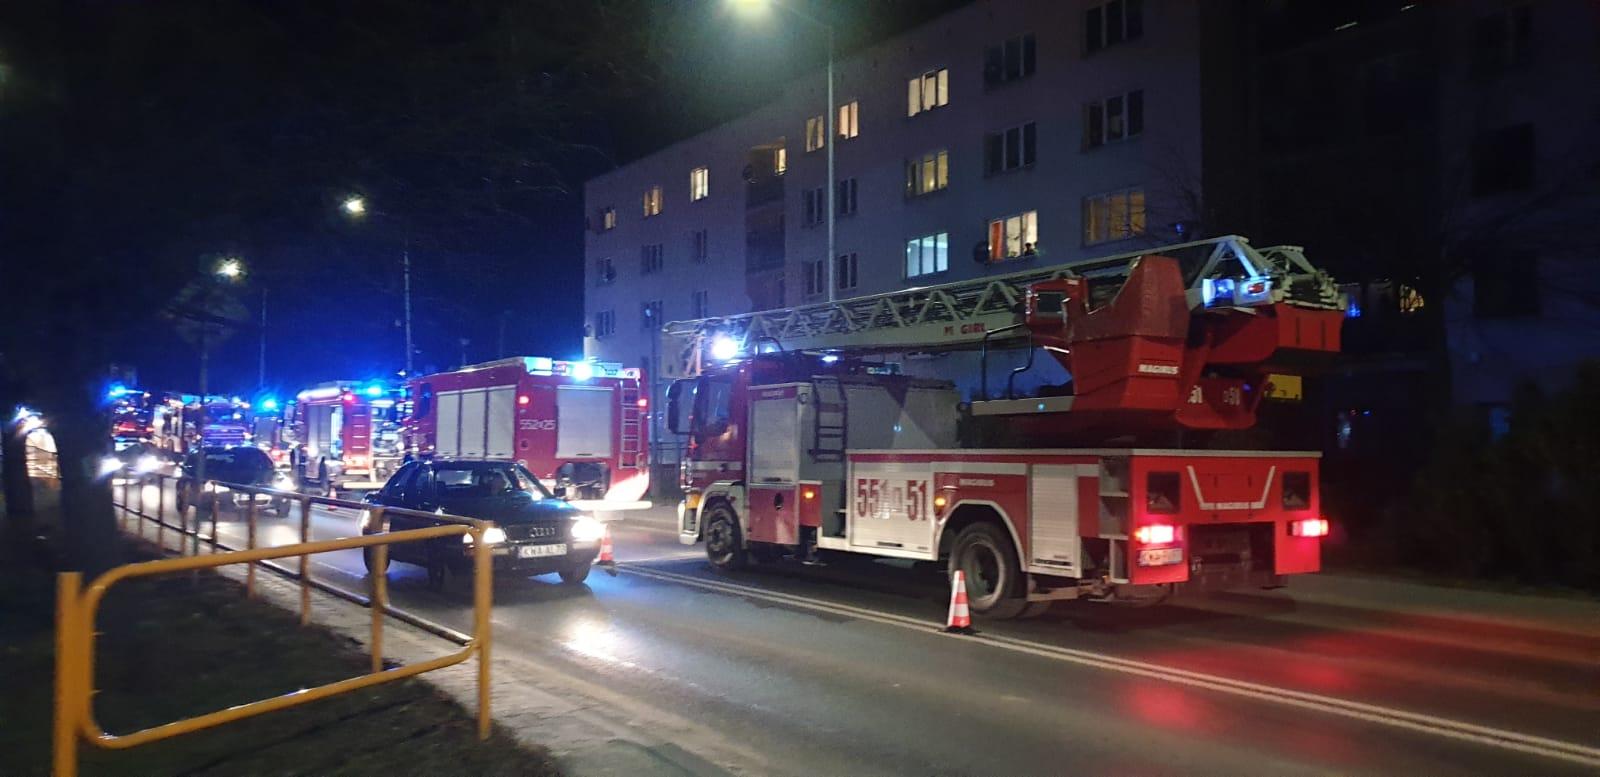 Kumulacja zdarzeń, pożar, wybuch, wypadek [FOTO] [AKTUALIZACJA]